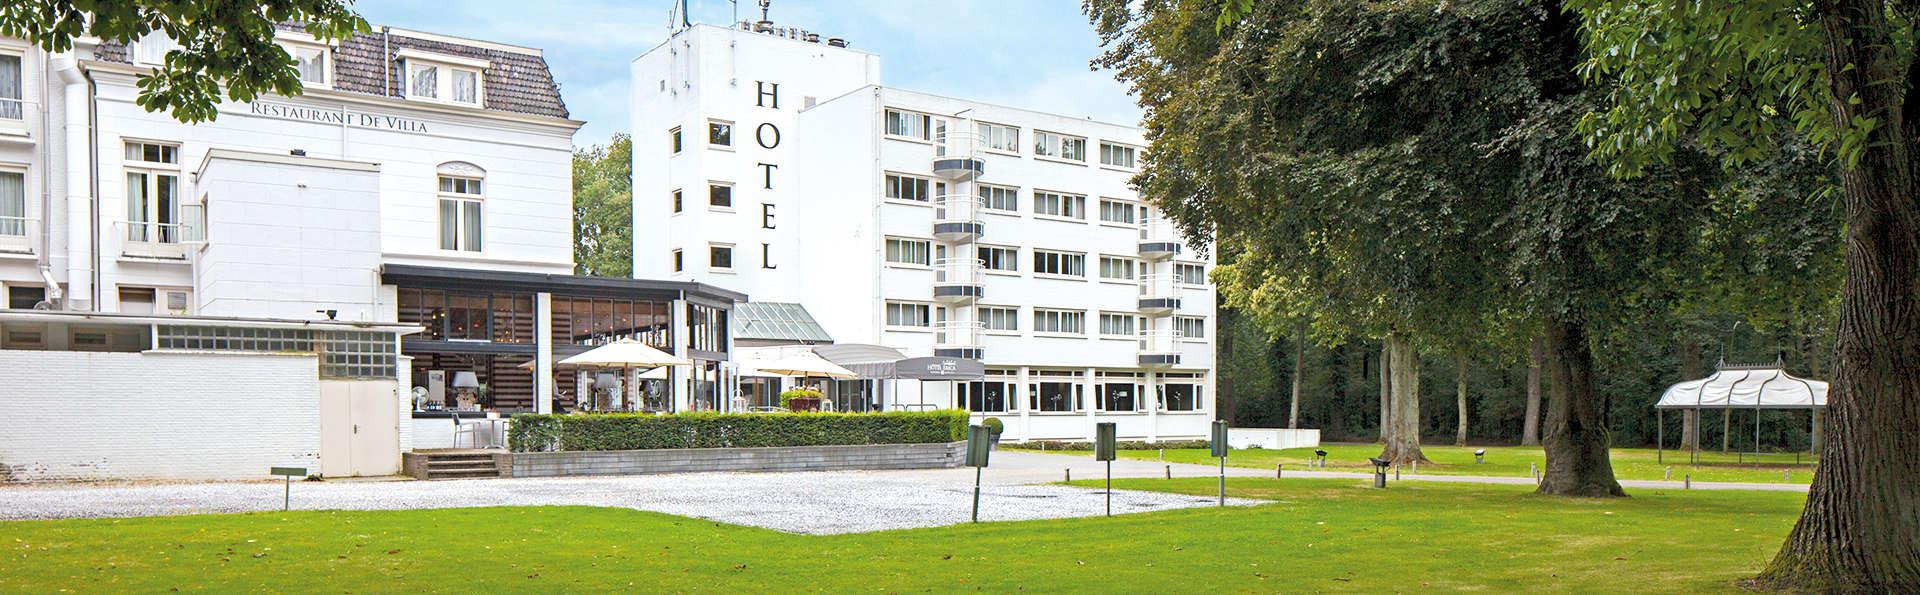 Fletcher Hotel-Restaurant Erica - Edit_Front3.jpg